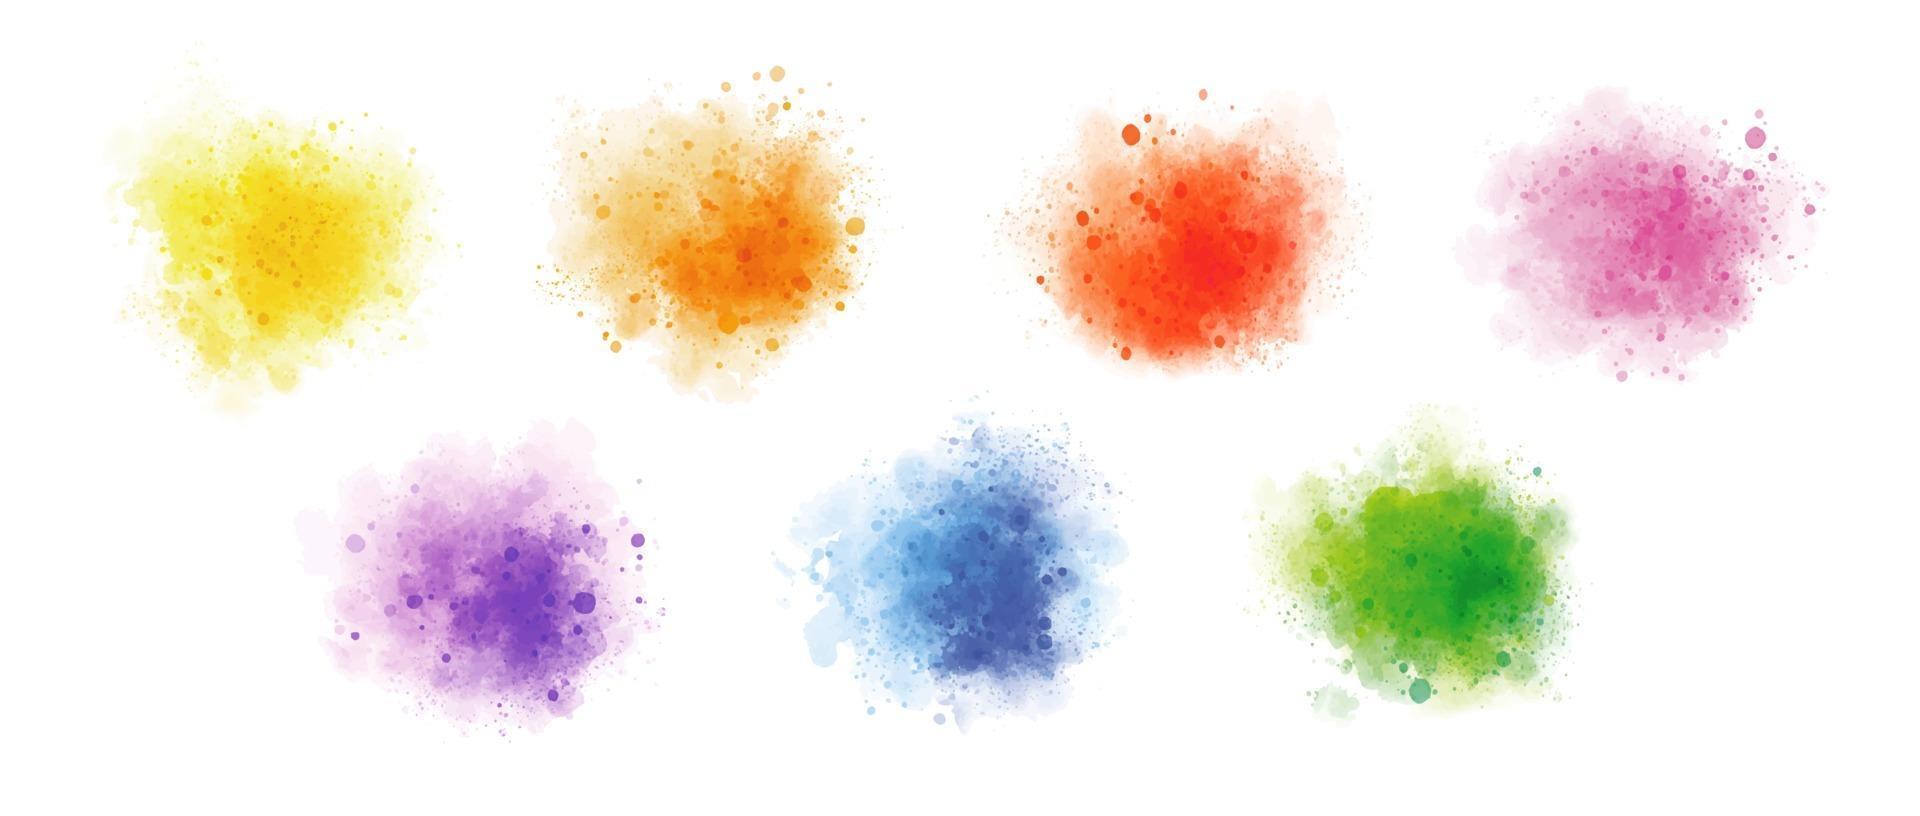 aquarelle colorée sur illustration vectorielle fond blanc vecteur